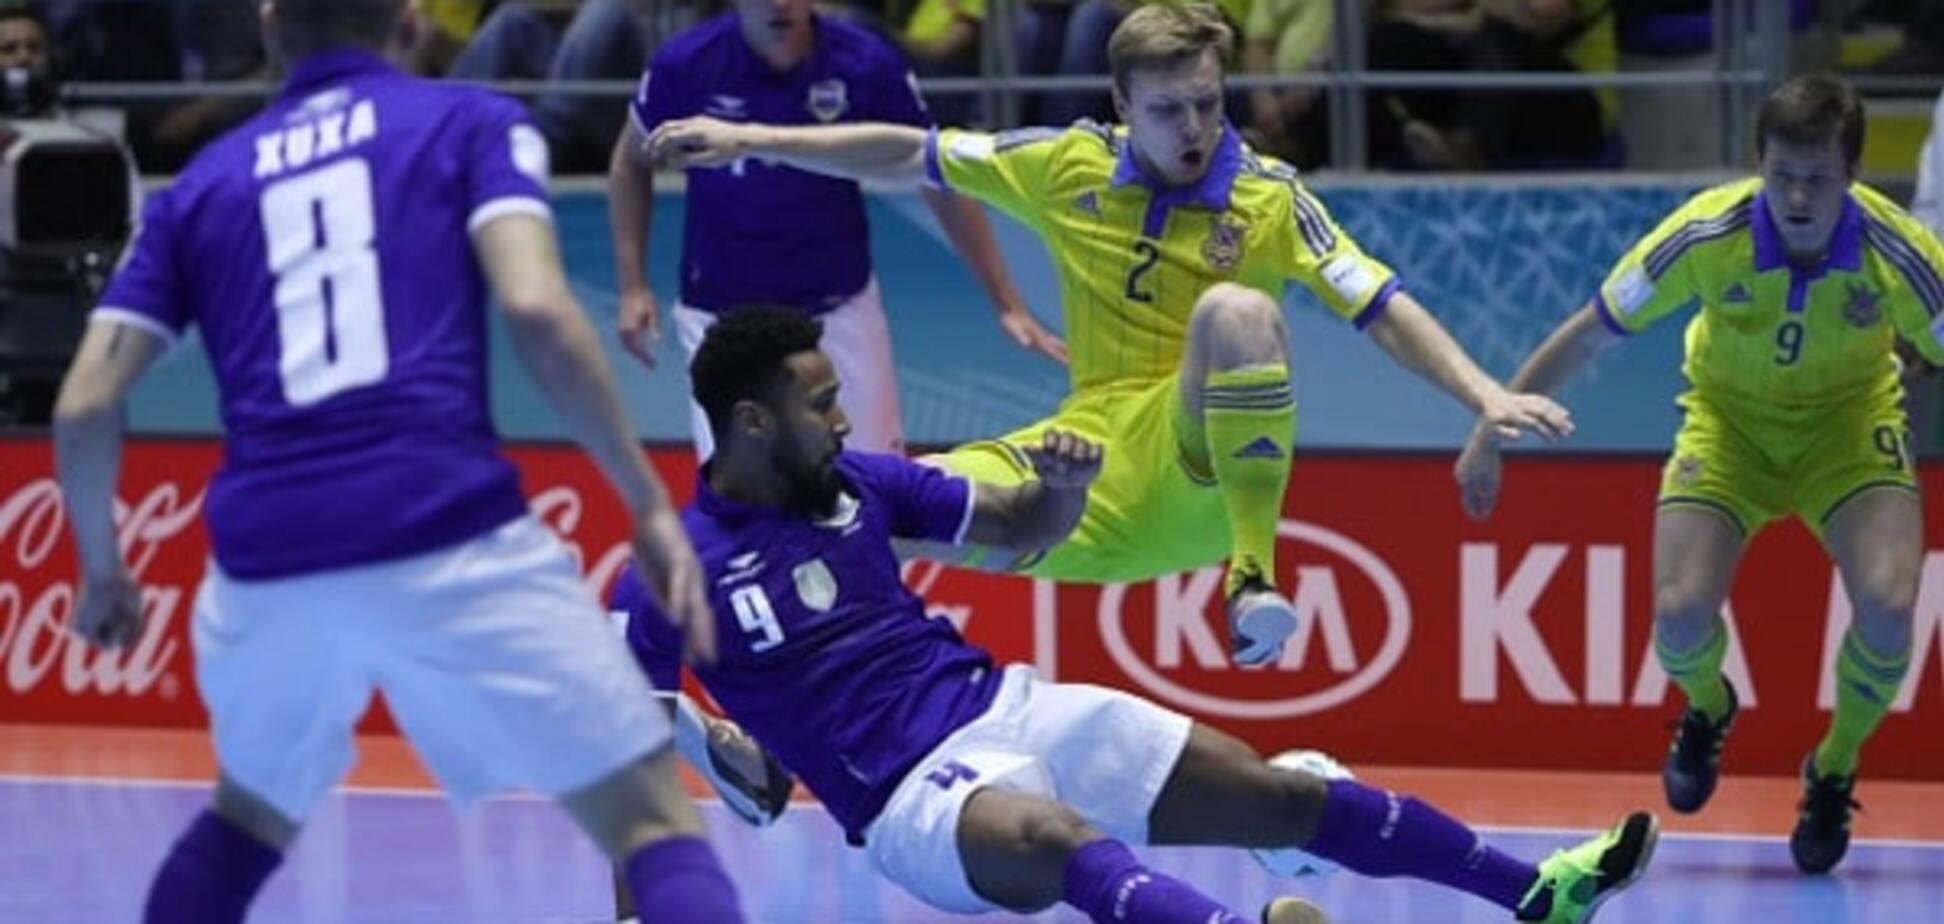 Сборная Украины дала бой Бразилии на чемпионате мира по футзалу